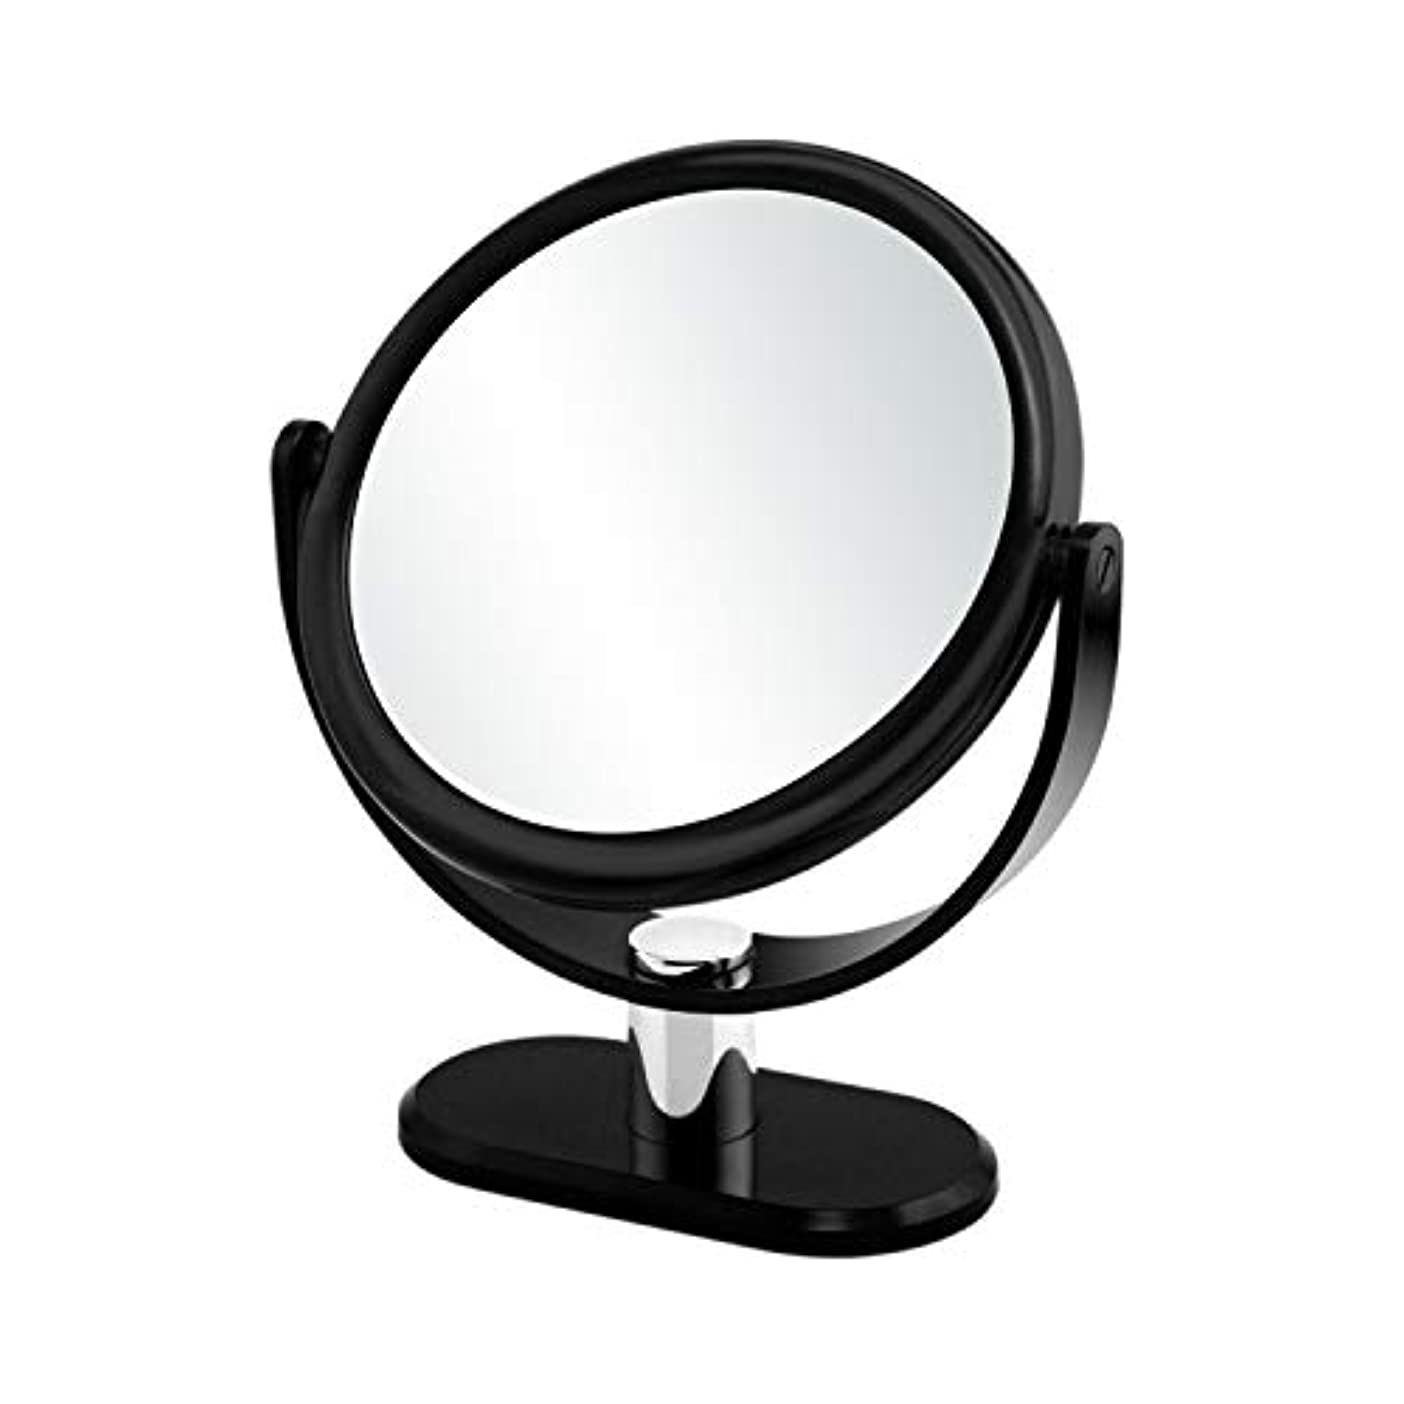 根絶する祈る崇拝するGorwRich ブラック卓上鏡 化粧鏡 スタンドミラー 女優ミラー 卓上ミラー 両面鏡 7倍拡大鏡と等倍鏡